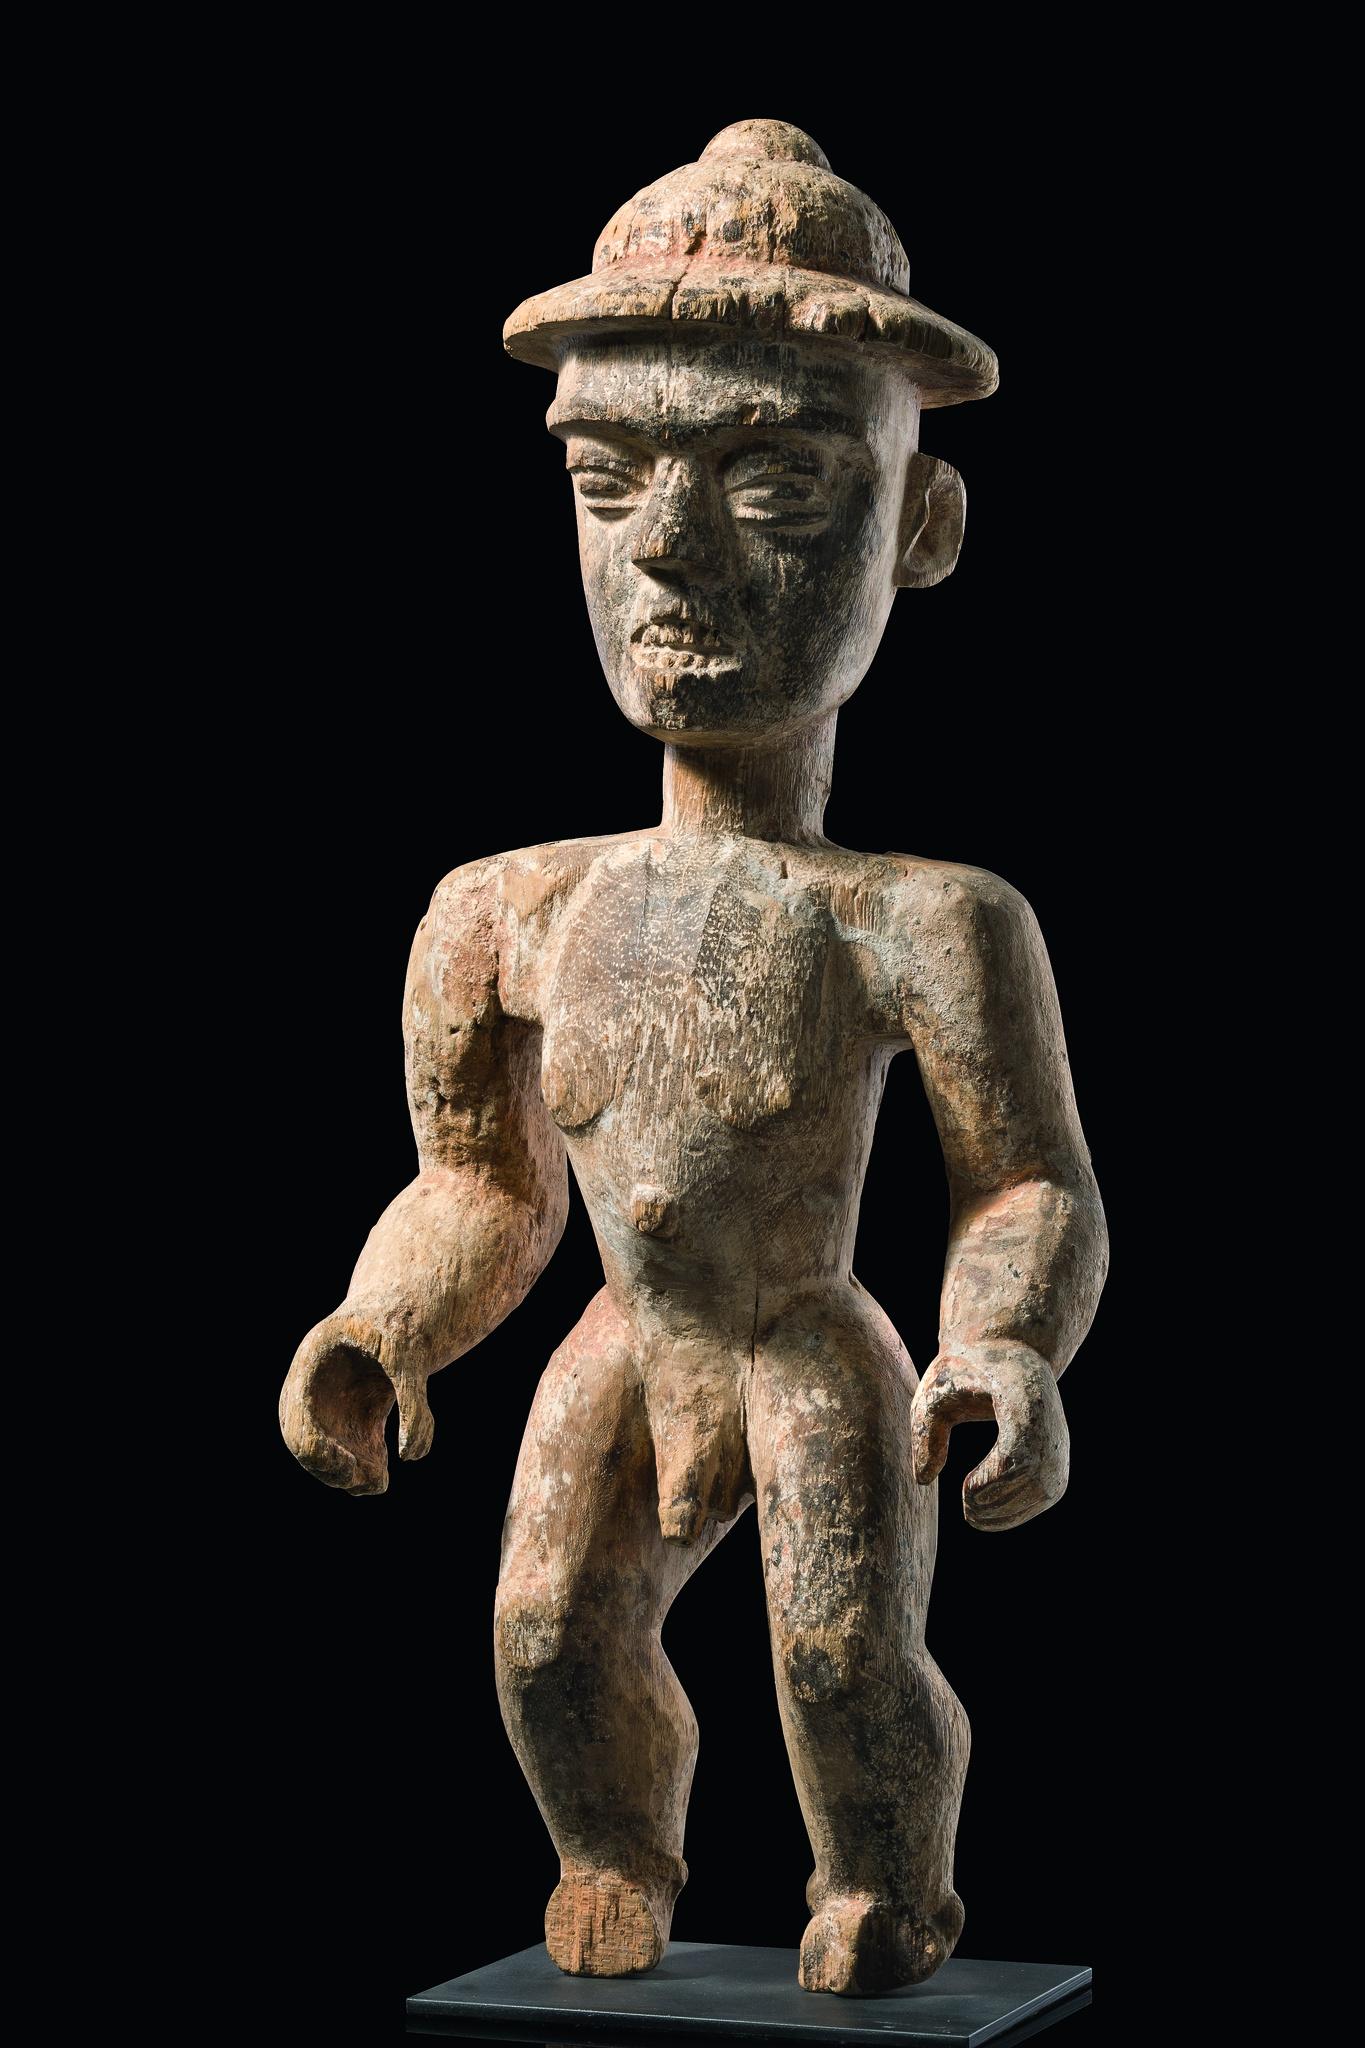 Stehende männliche Figur mit Tropenhelm